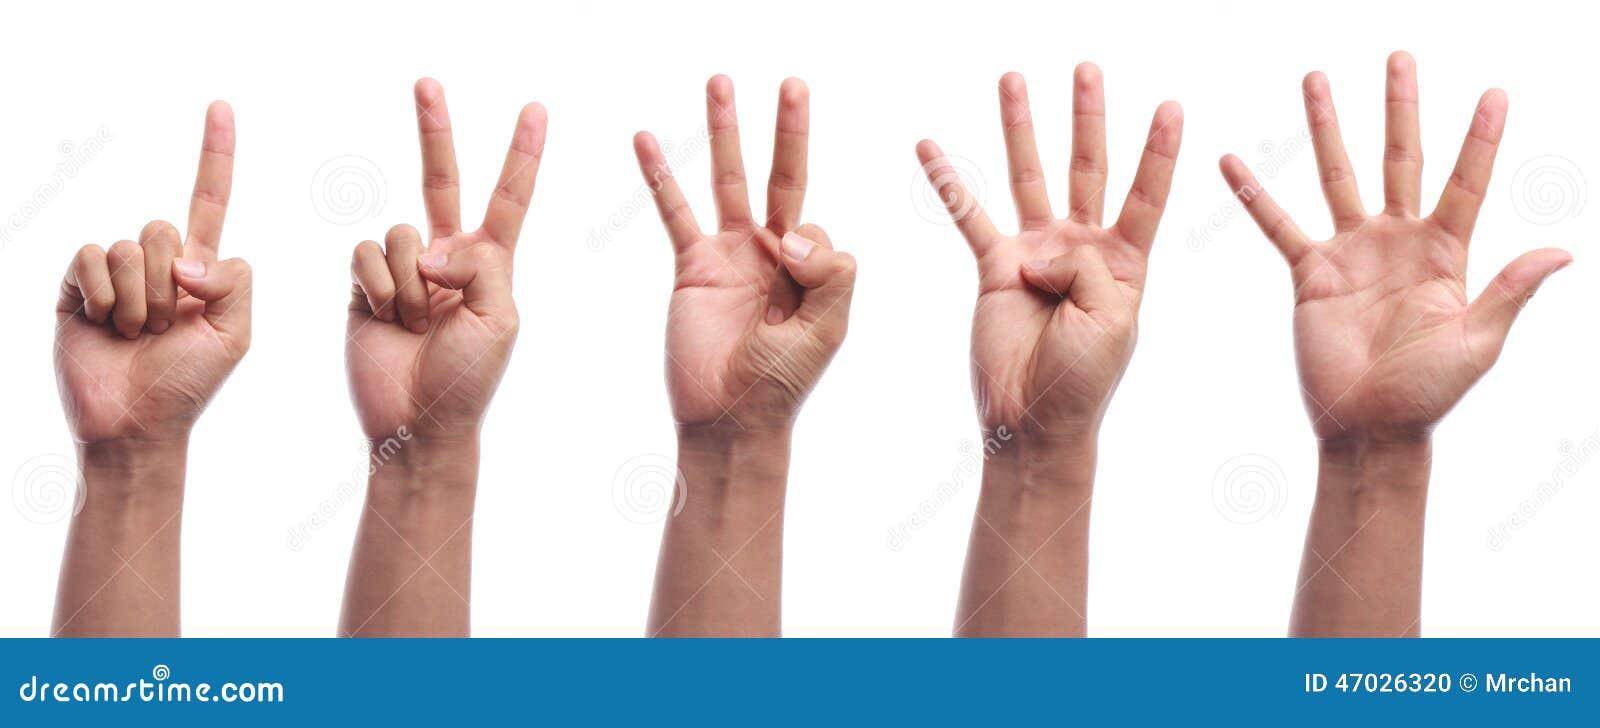 Zählungshandzeichen mit einen bis fünf Fingern lokalisiert